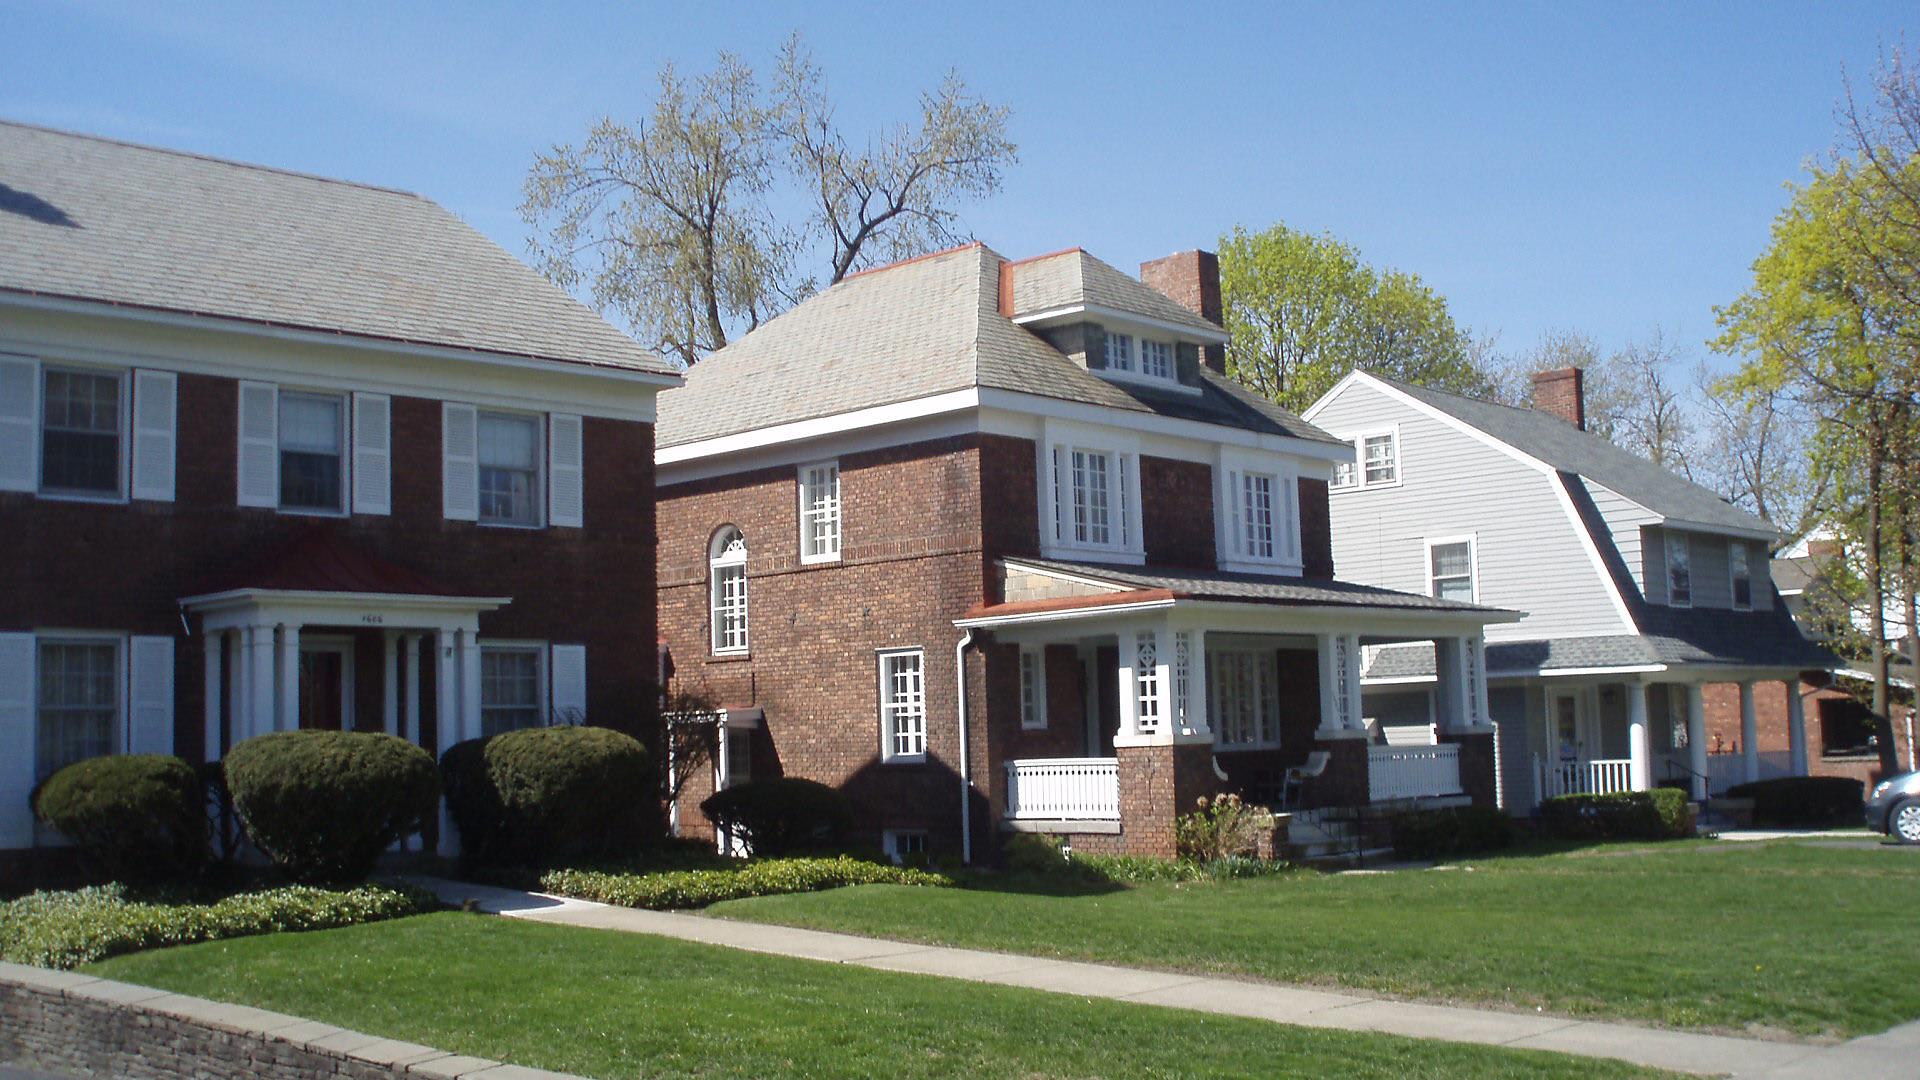 stanton P lee 3 houses on Peoples Ave Street view.JPG